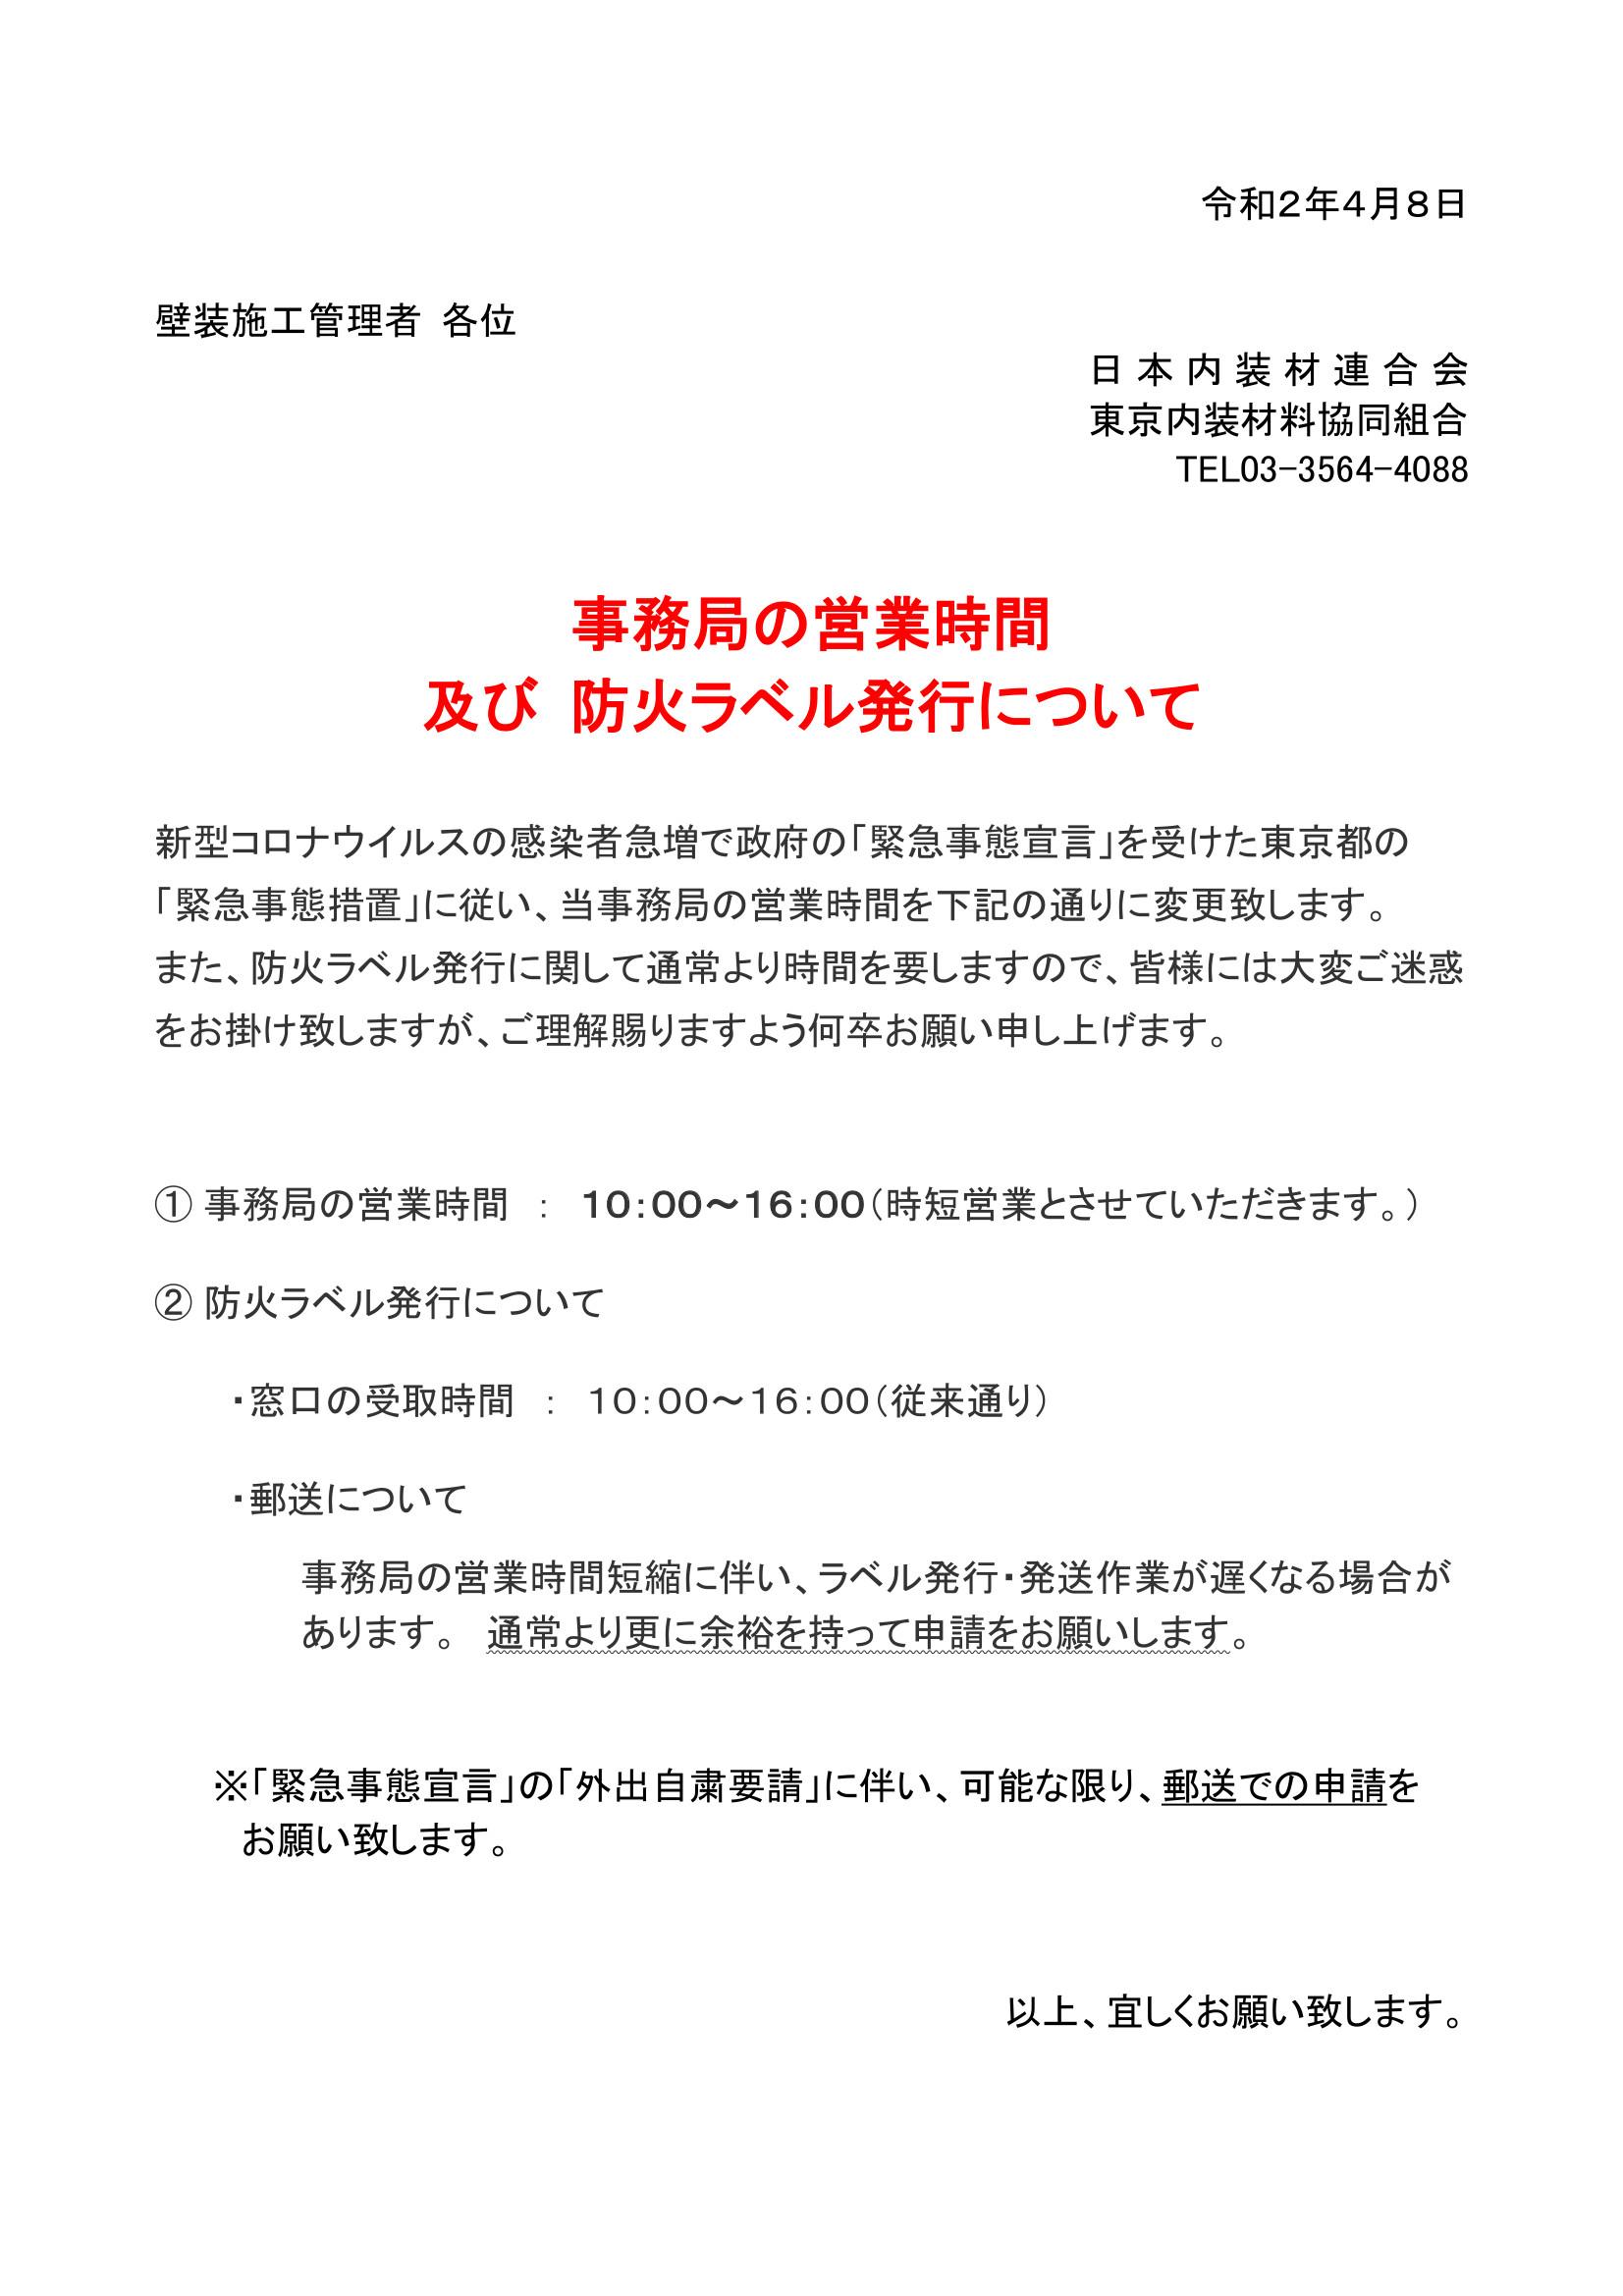 事務局の営業時間及び防火ラベル発行について